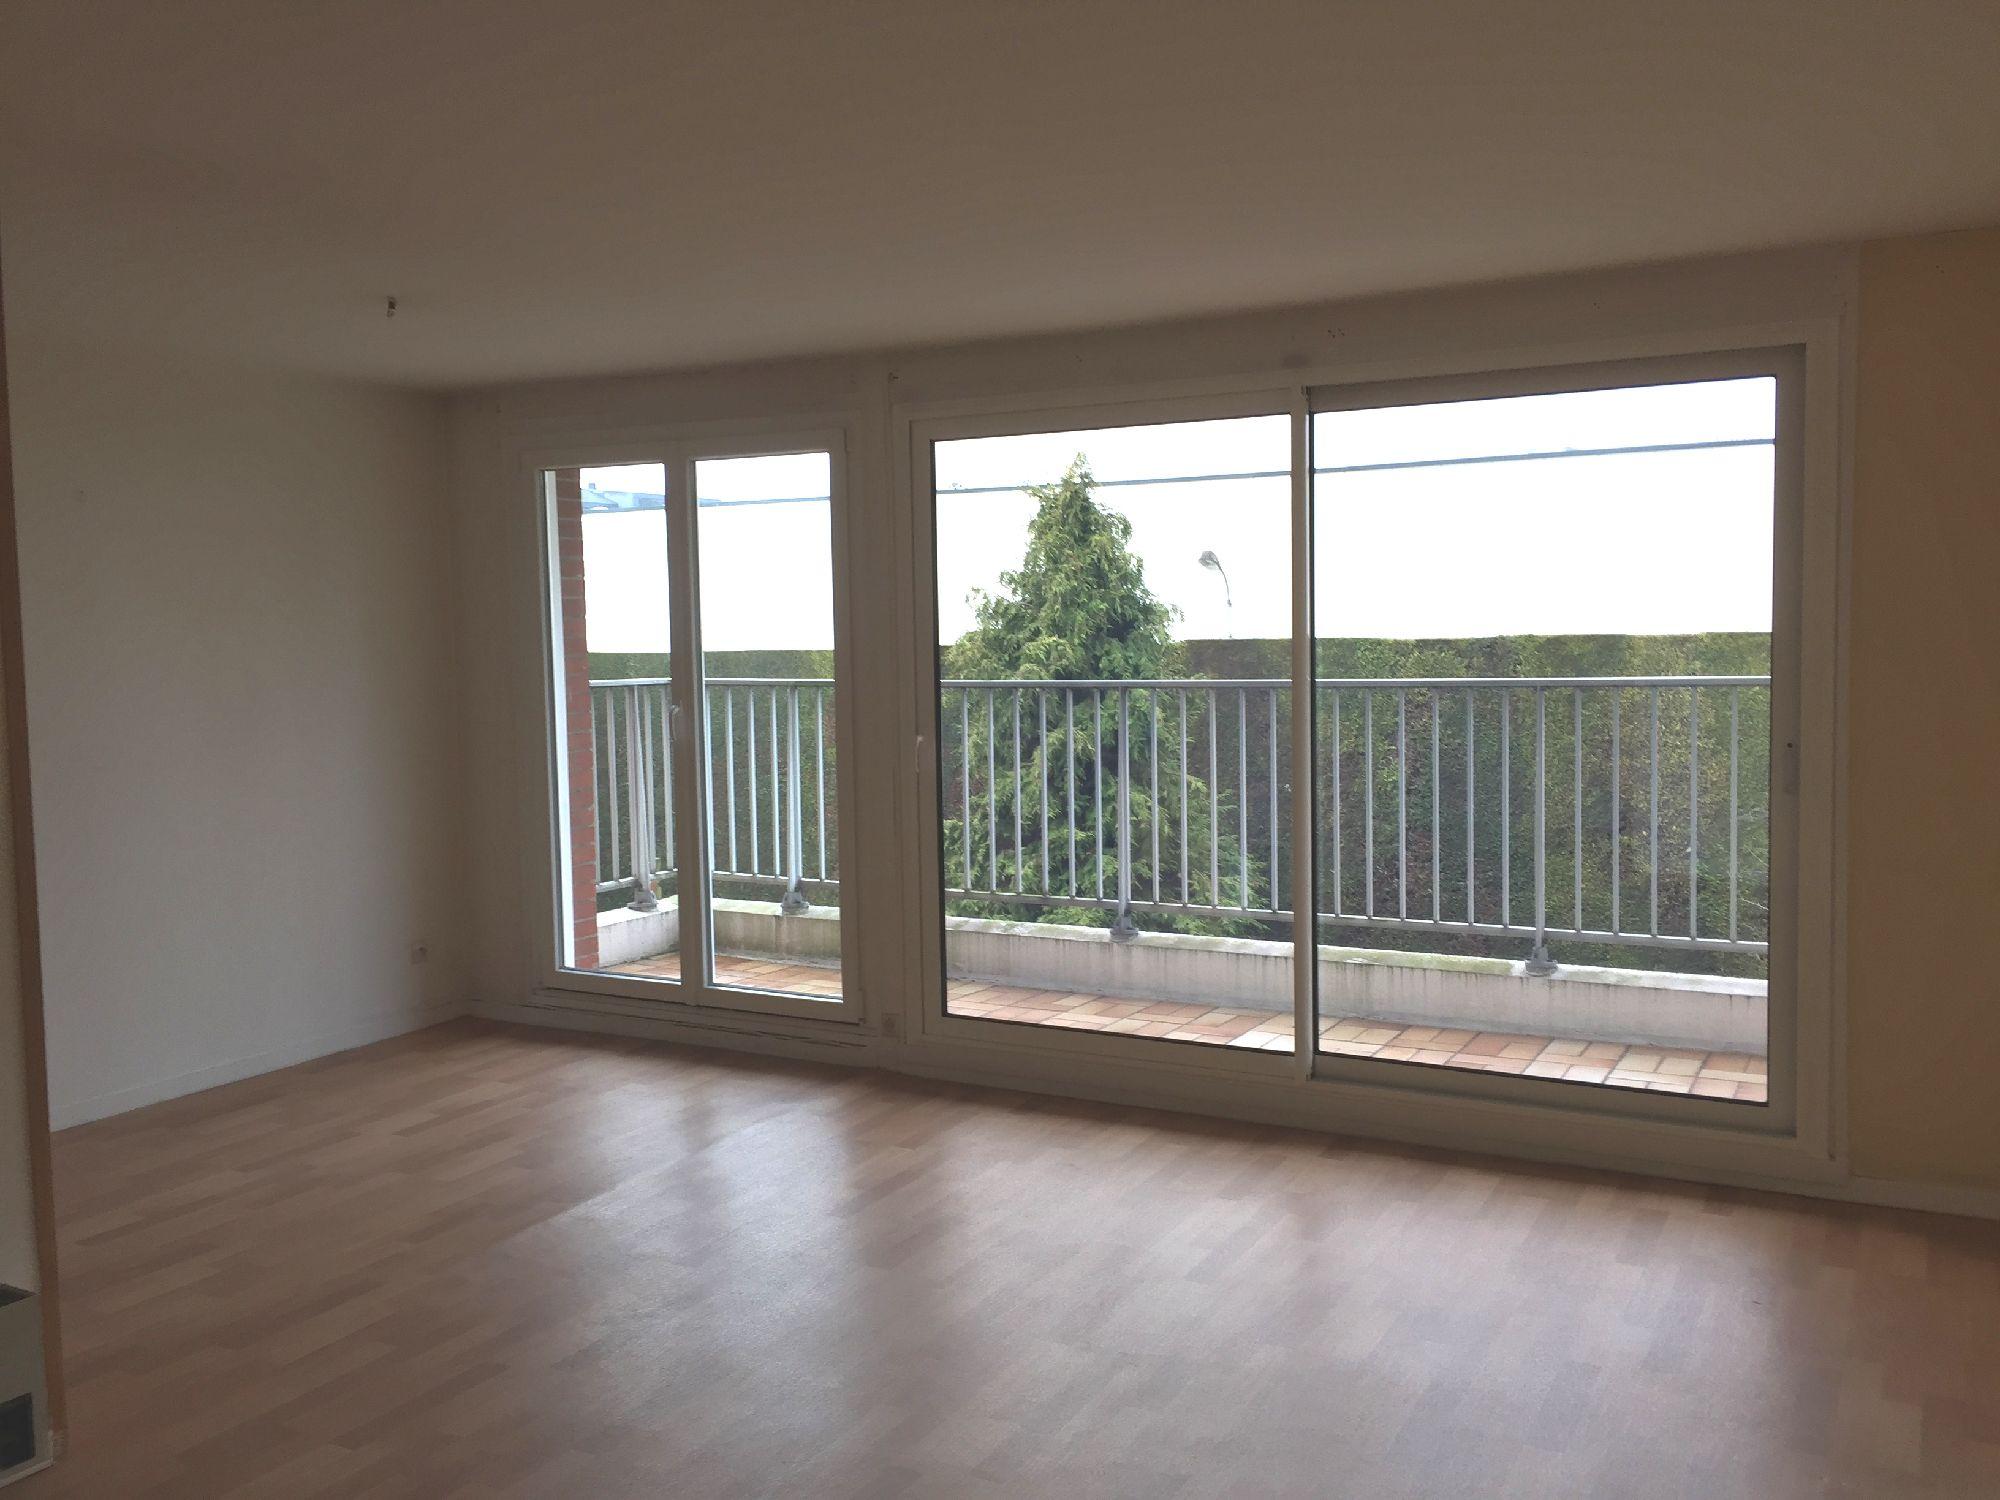 Vente appartement valenciennes prix 116 000 hni for Prix appartement